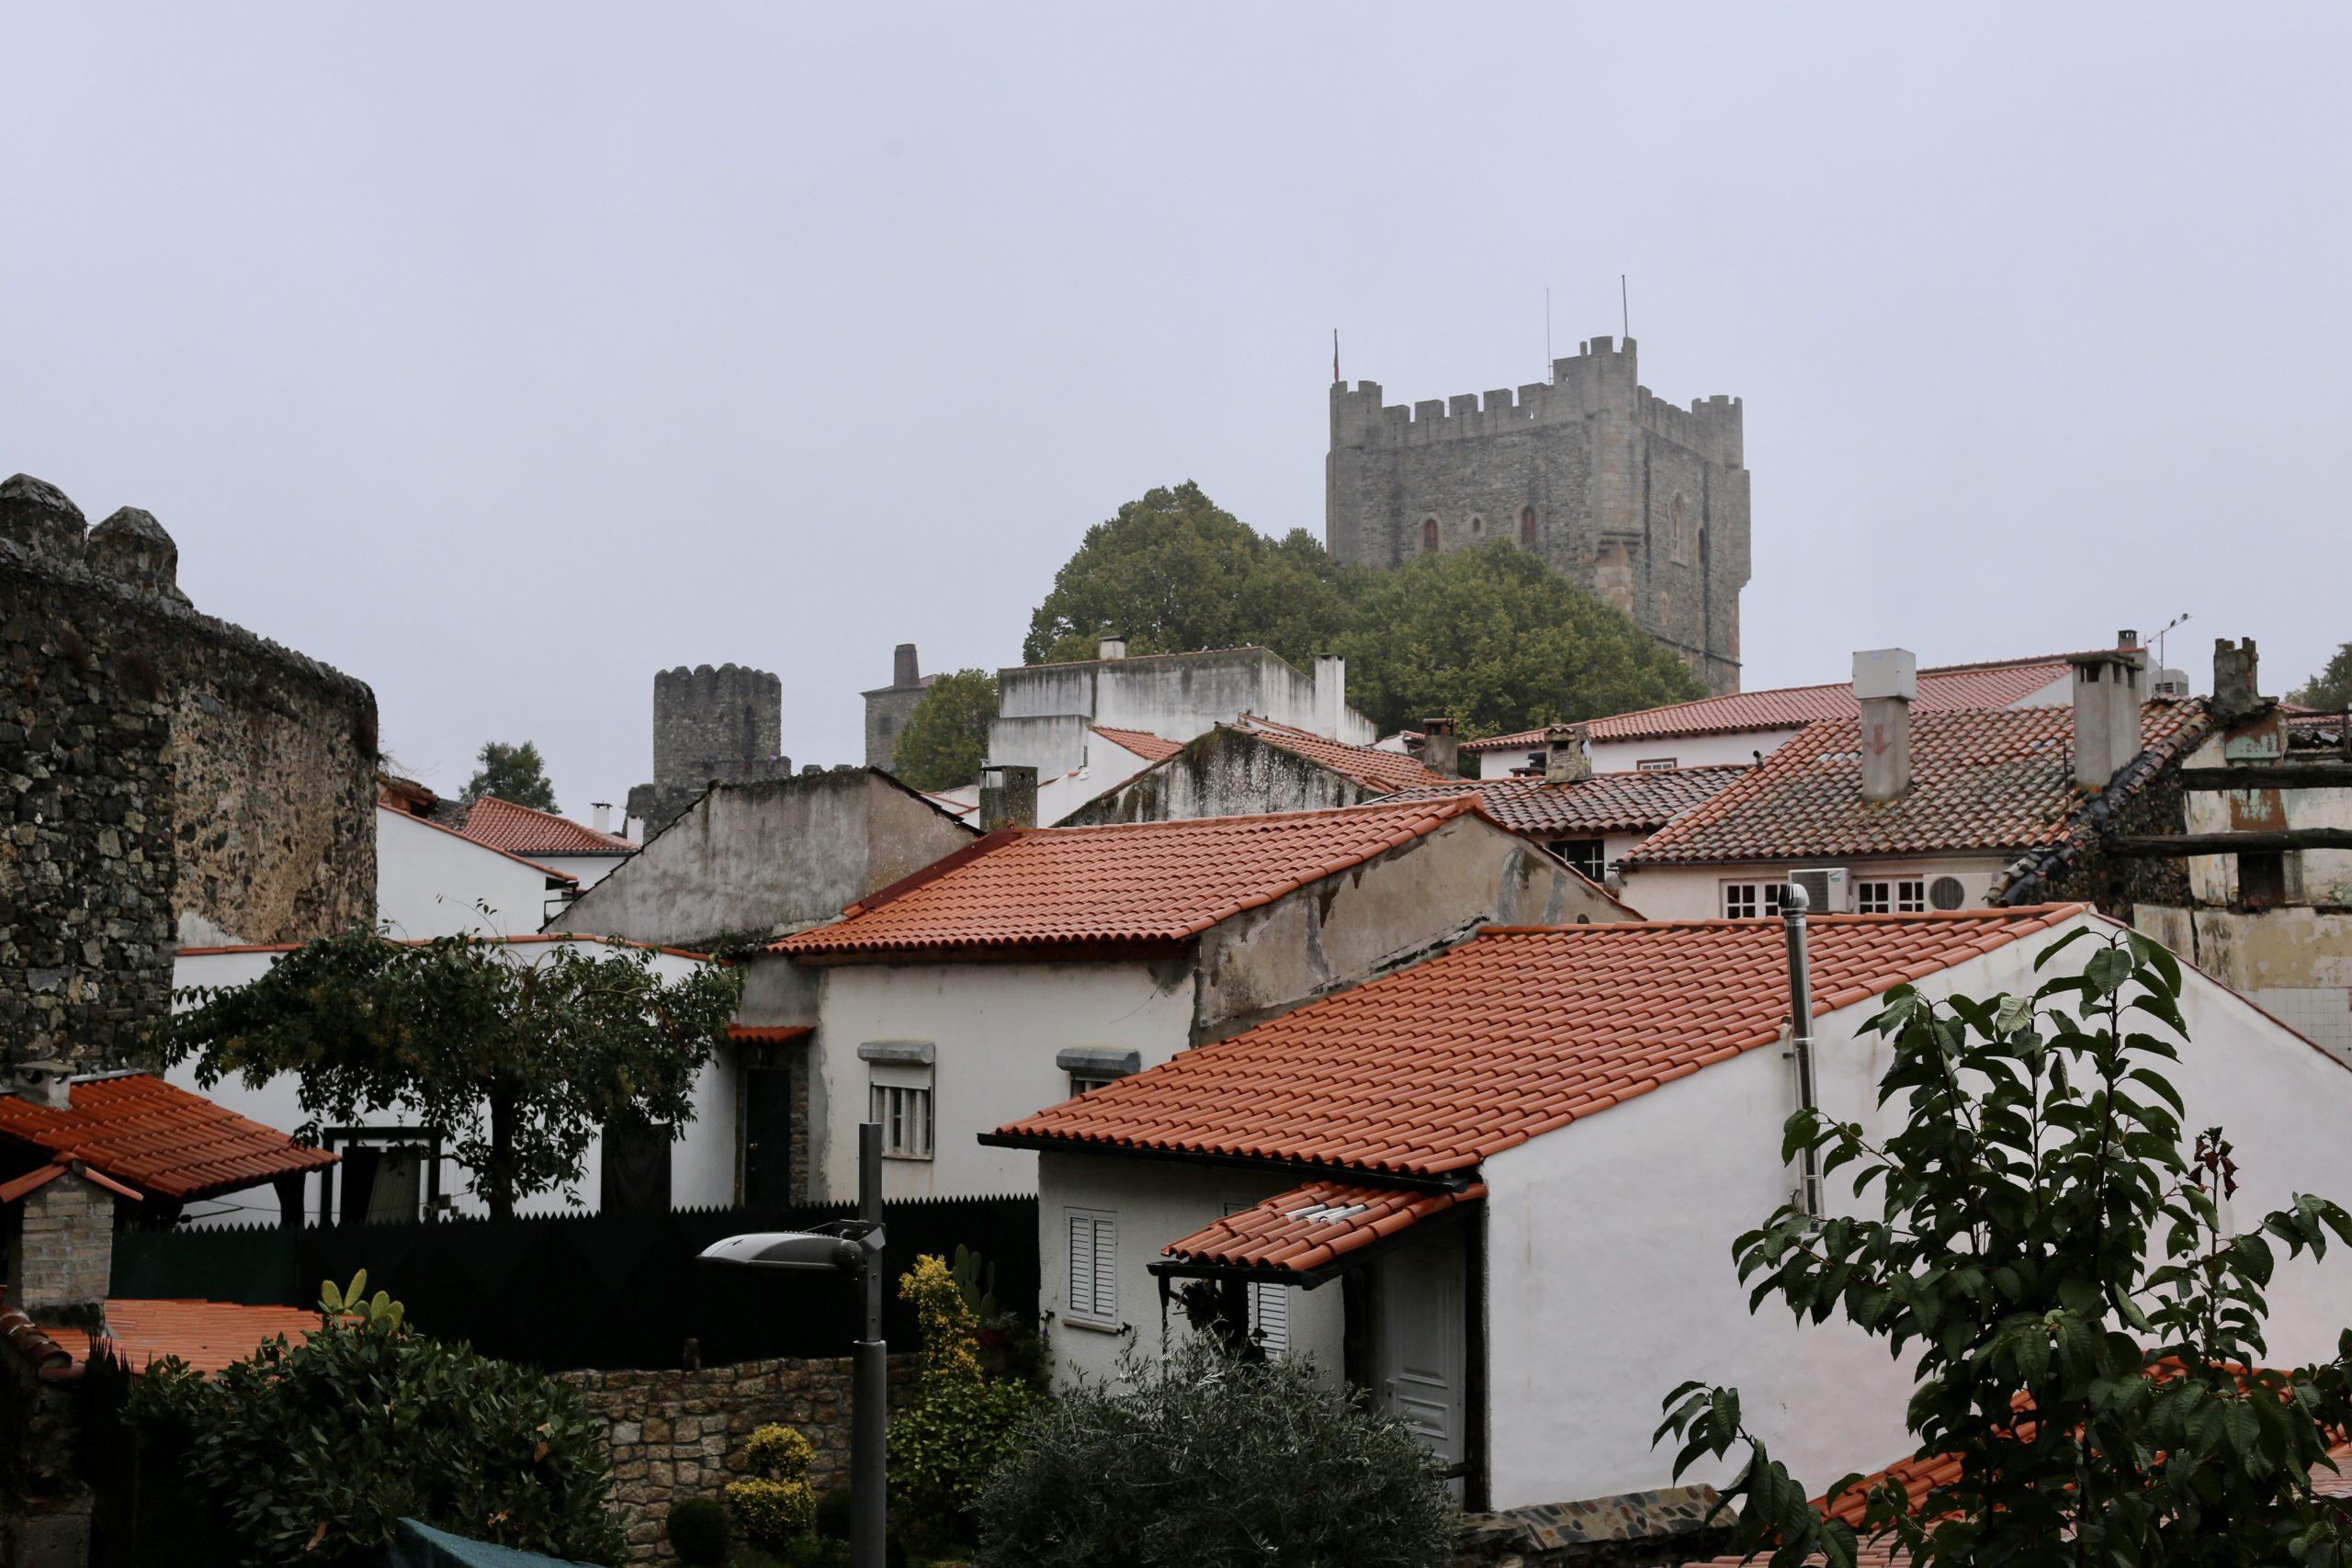 Braganza, Portugal